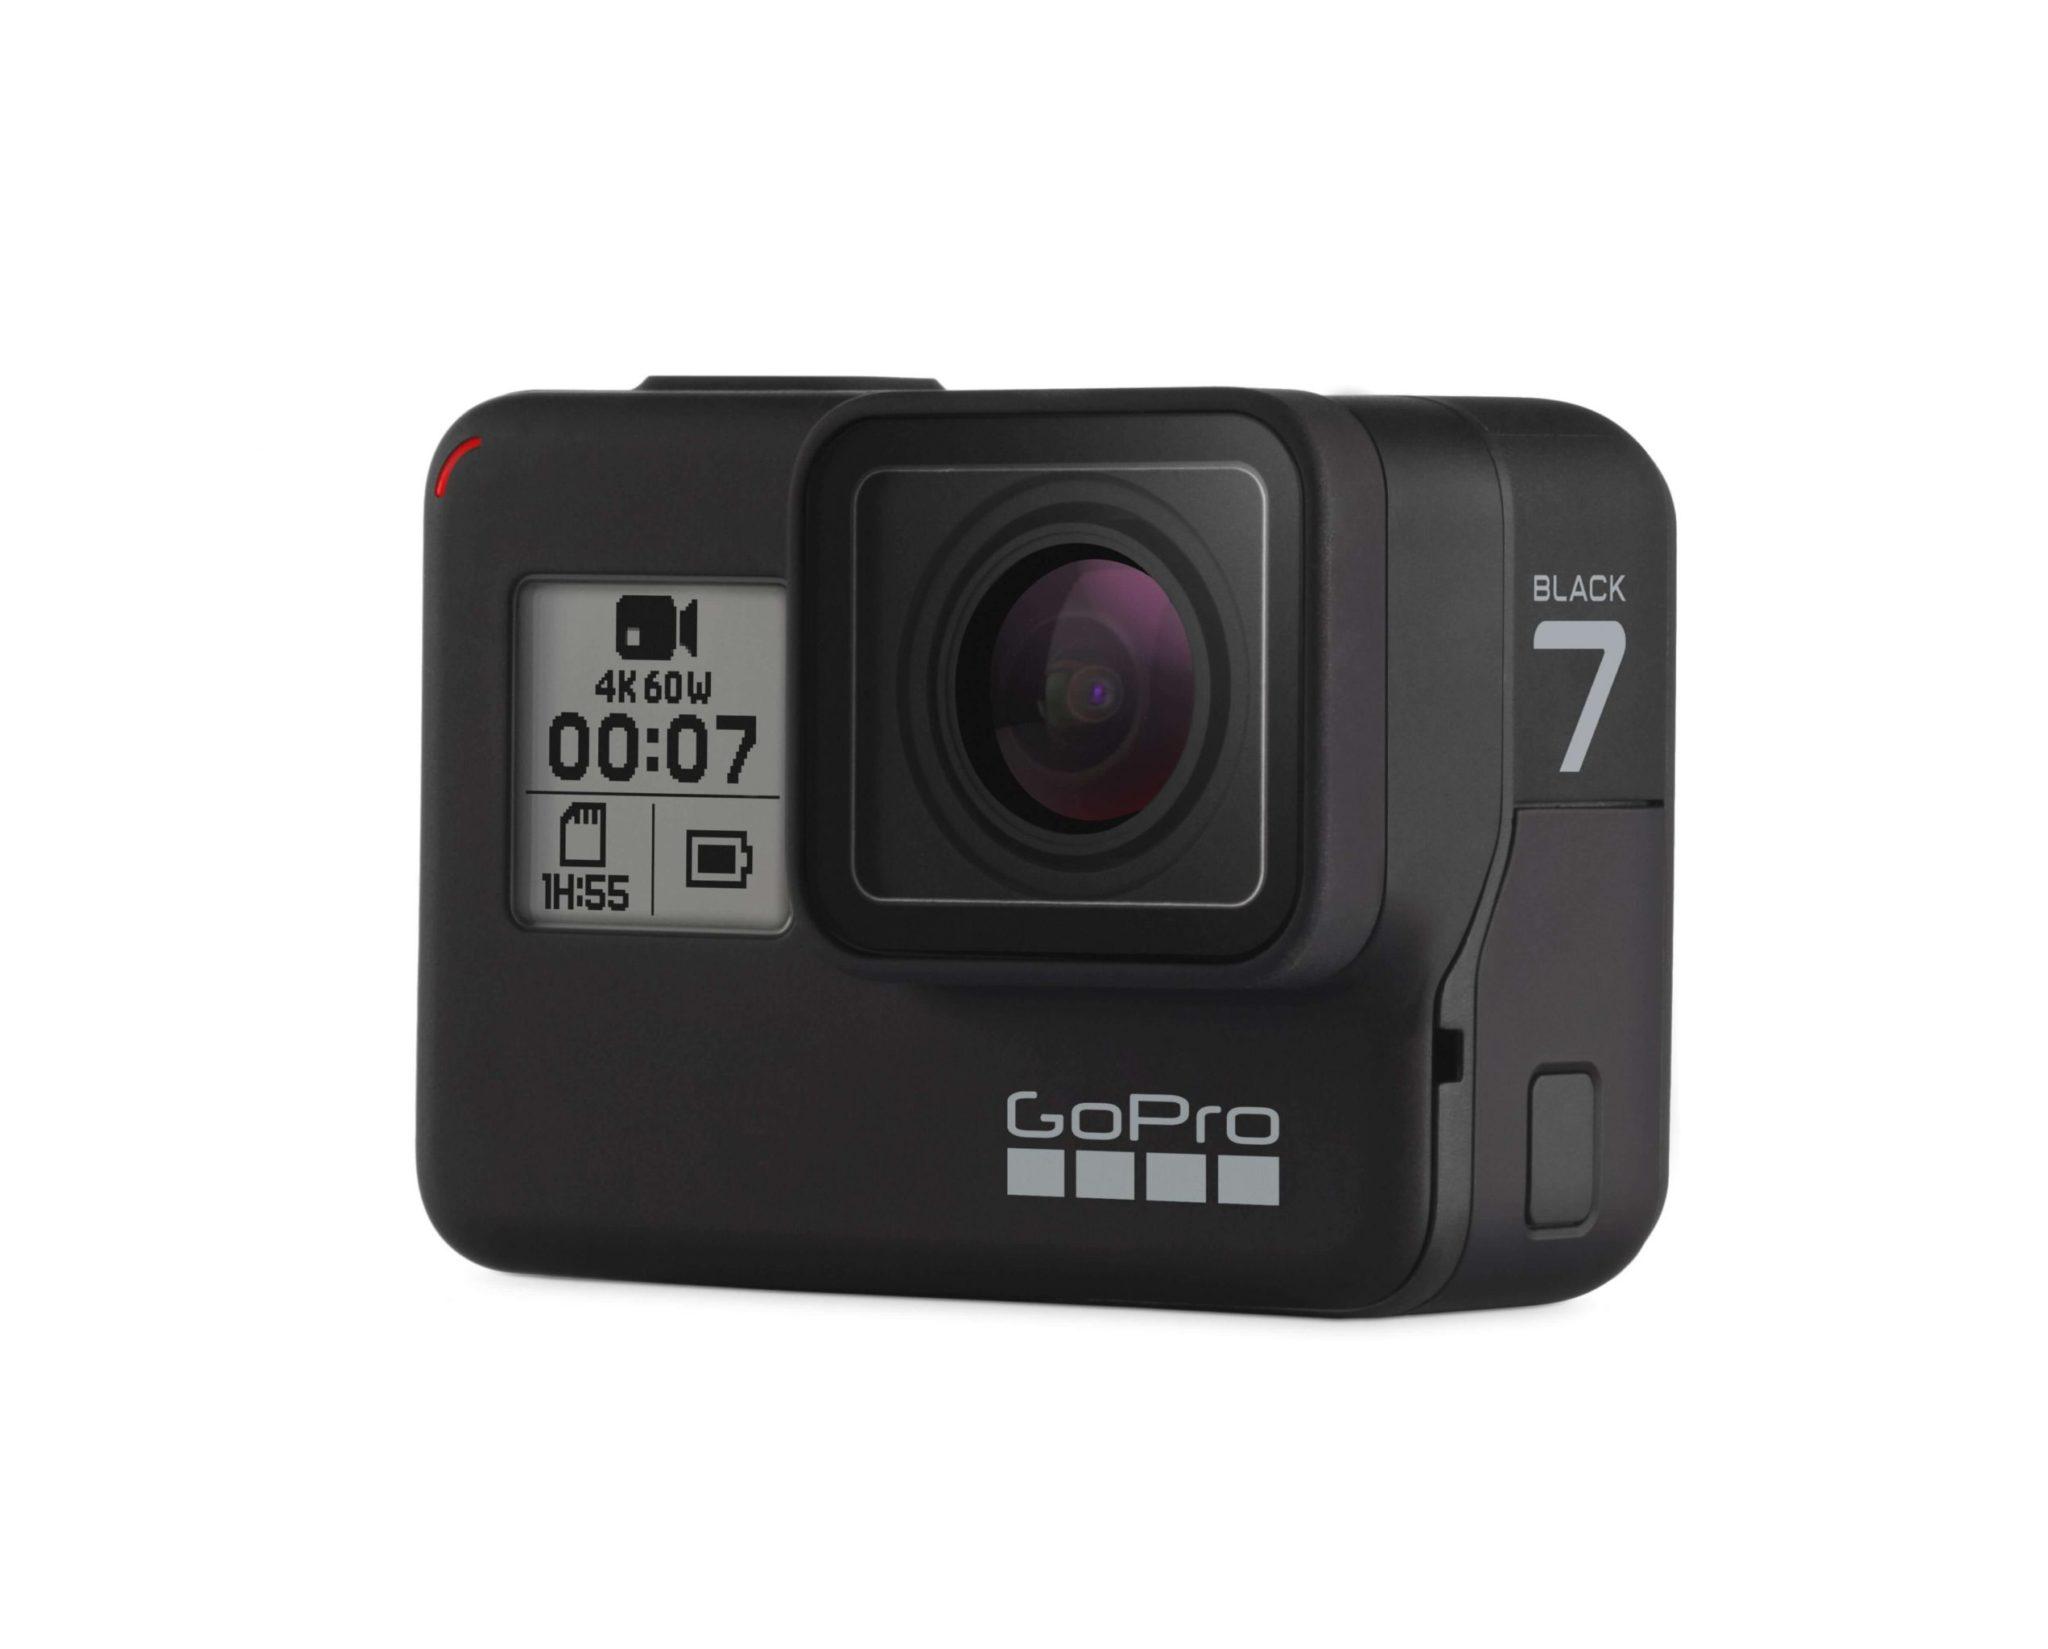 เปิดตัว GoPro HERO7 Black หมดยุควิดีโอภาพสั่น ถ่าย Live ได้ แถมมีสีใหม่อีก! 15 - camera